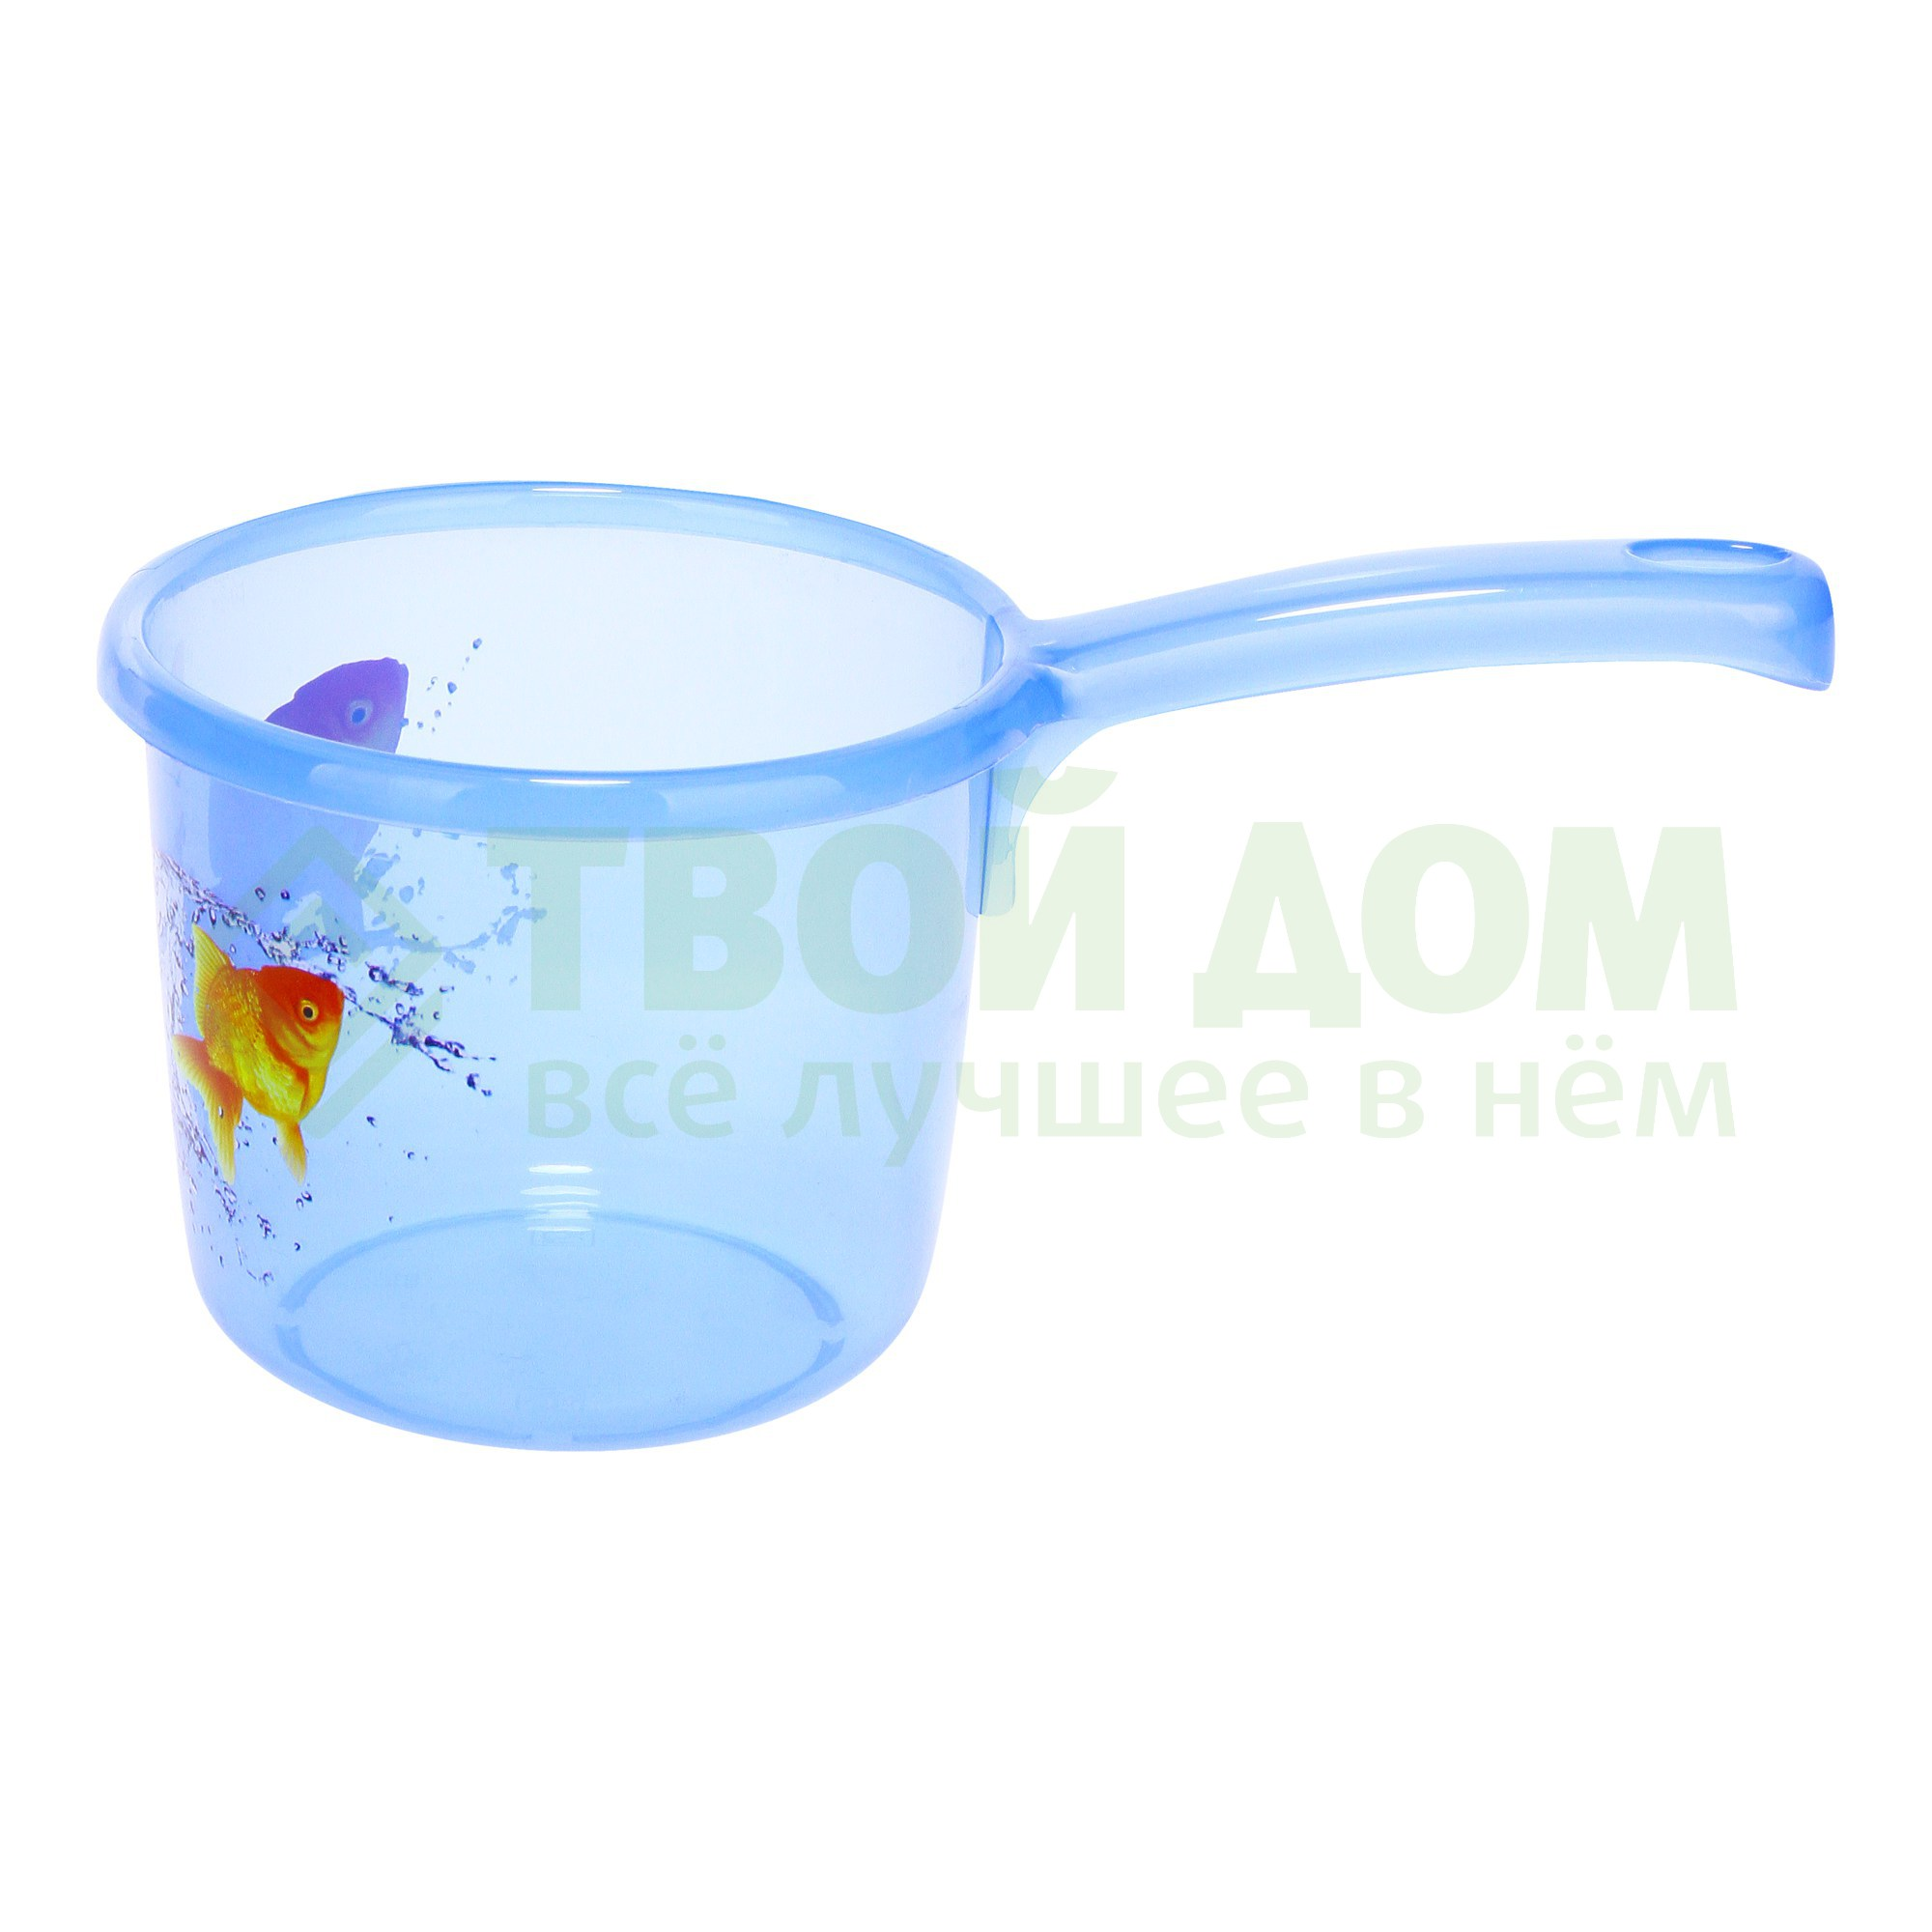 Купить Ковш Phibo 4312849 1.3 л, Россия, голубой, полипропилен, Аксессуары для ванны и туалета